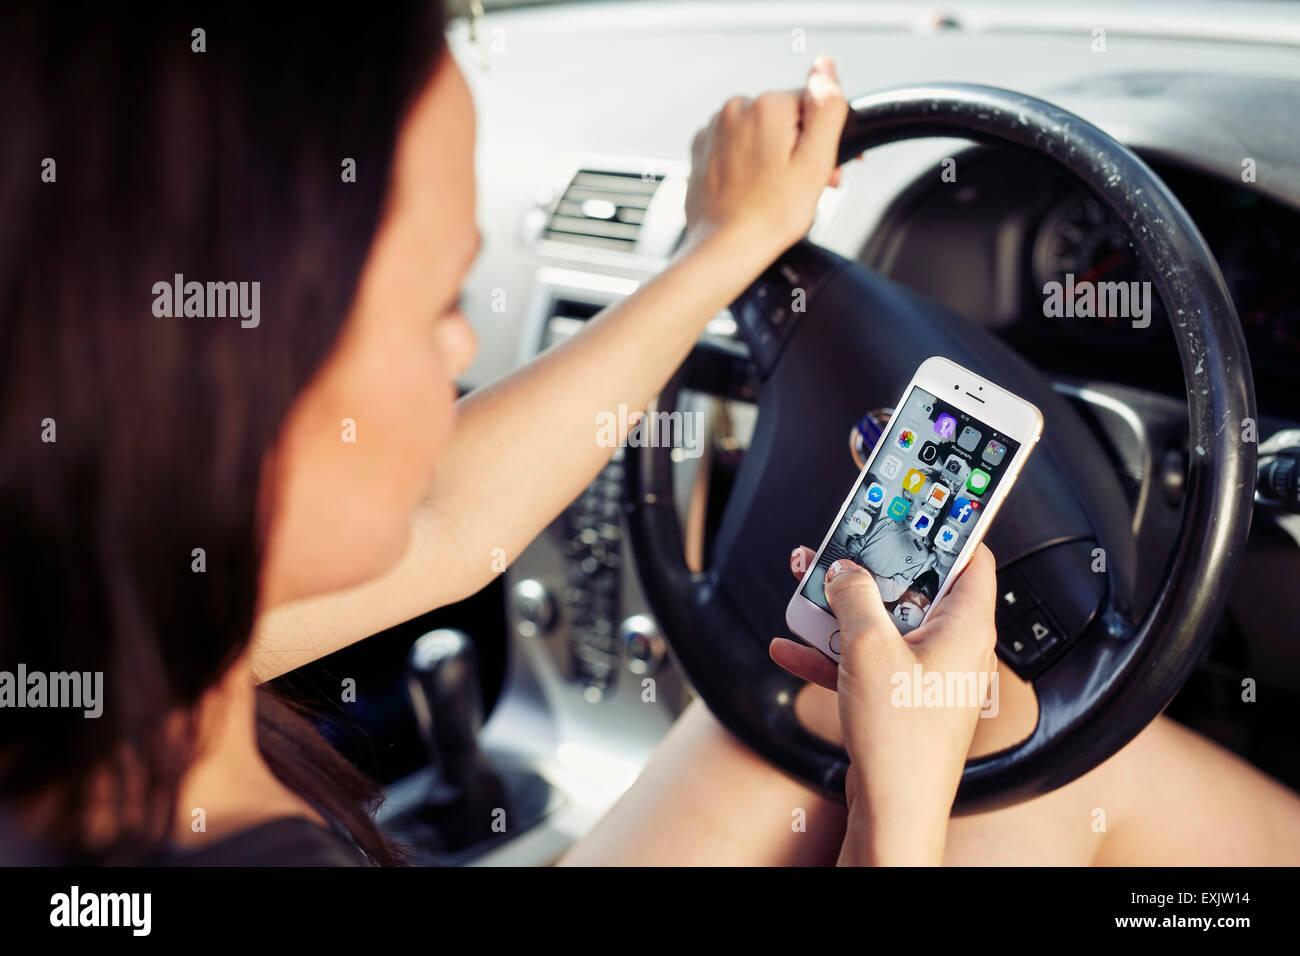 Donna che utilizza il telefono cellulare durante la guida Immagini Stock